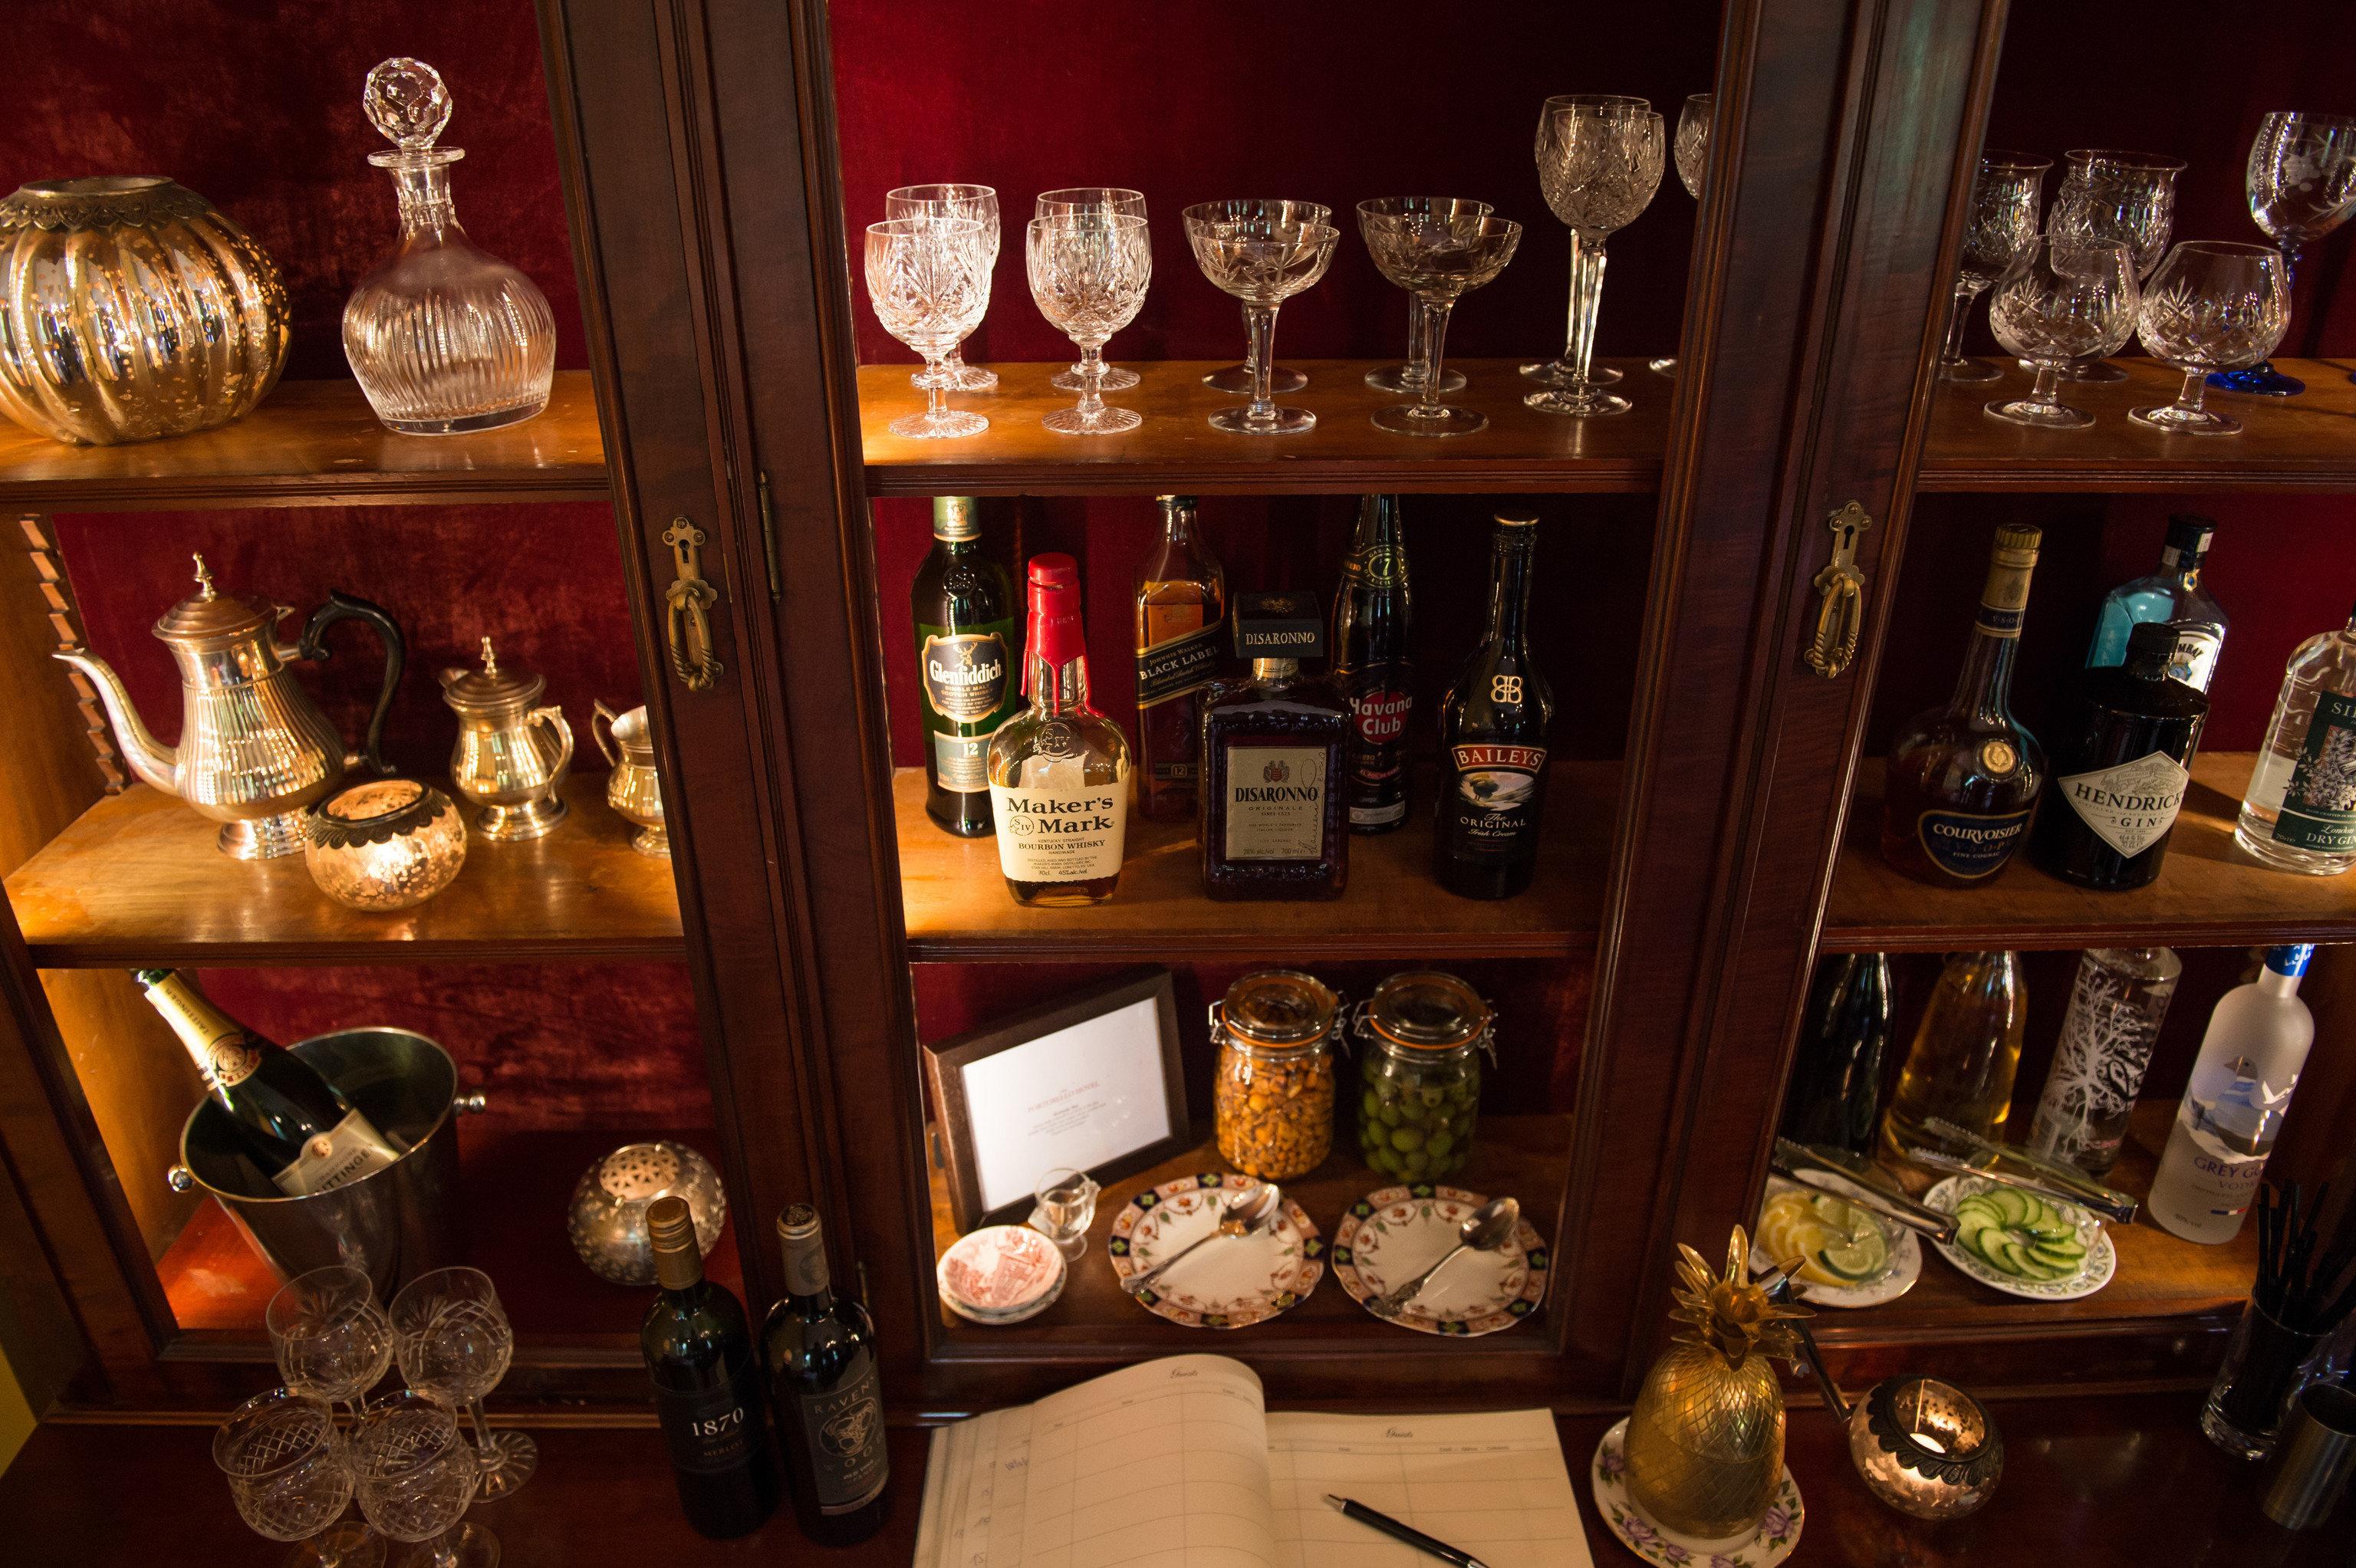 Bar shelf restaurant Drink distilled beverage different